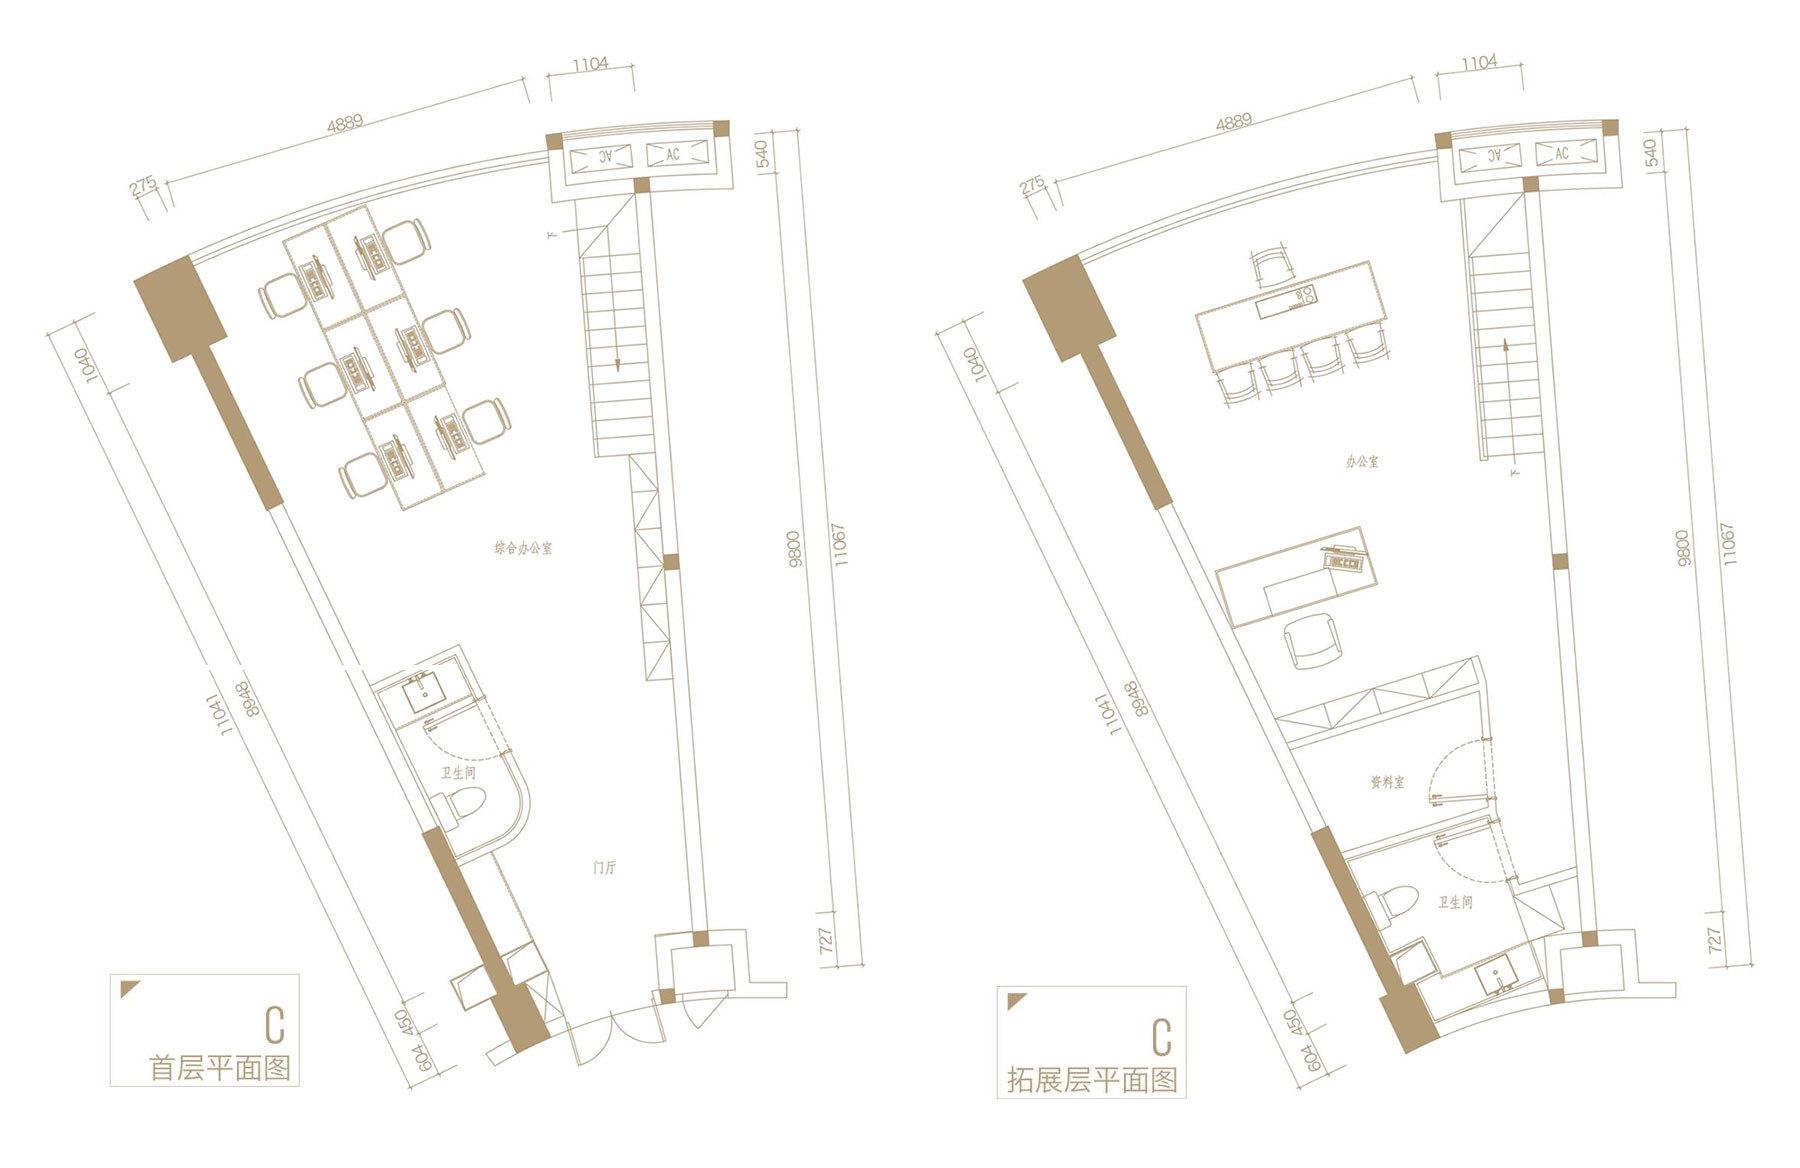 C户型 建筑面积约70㎡